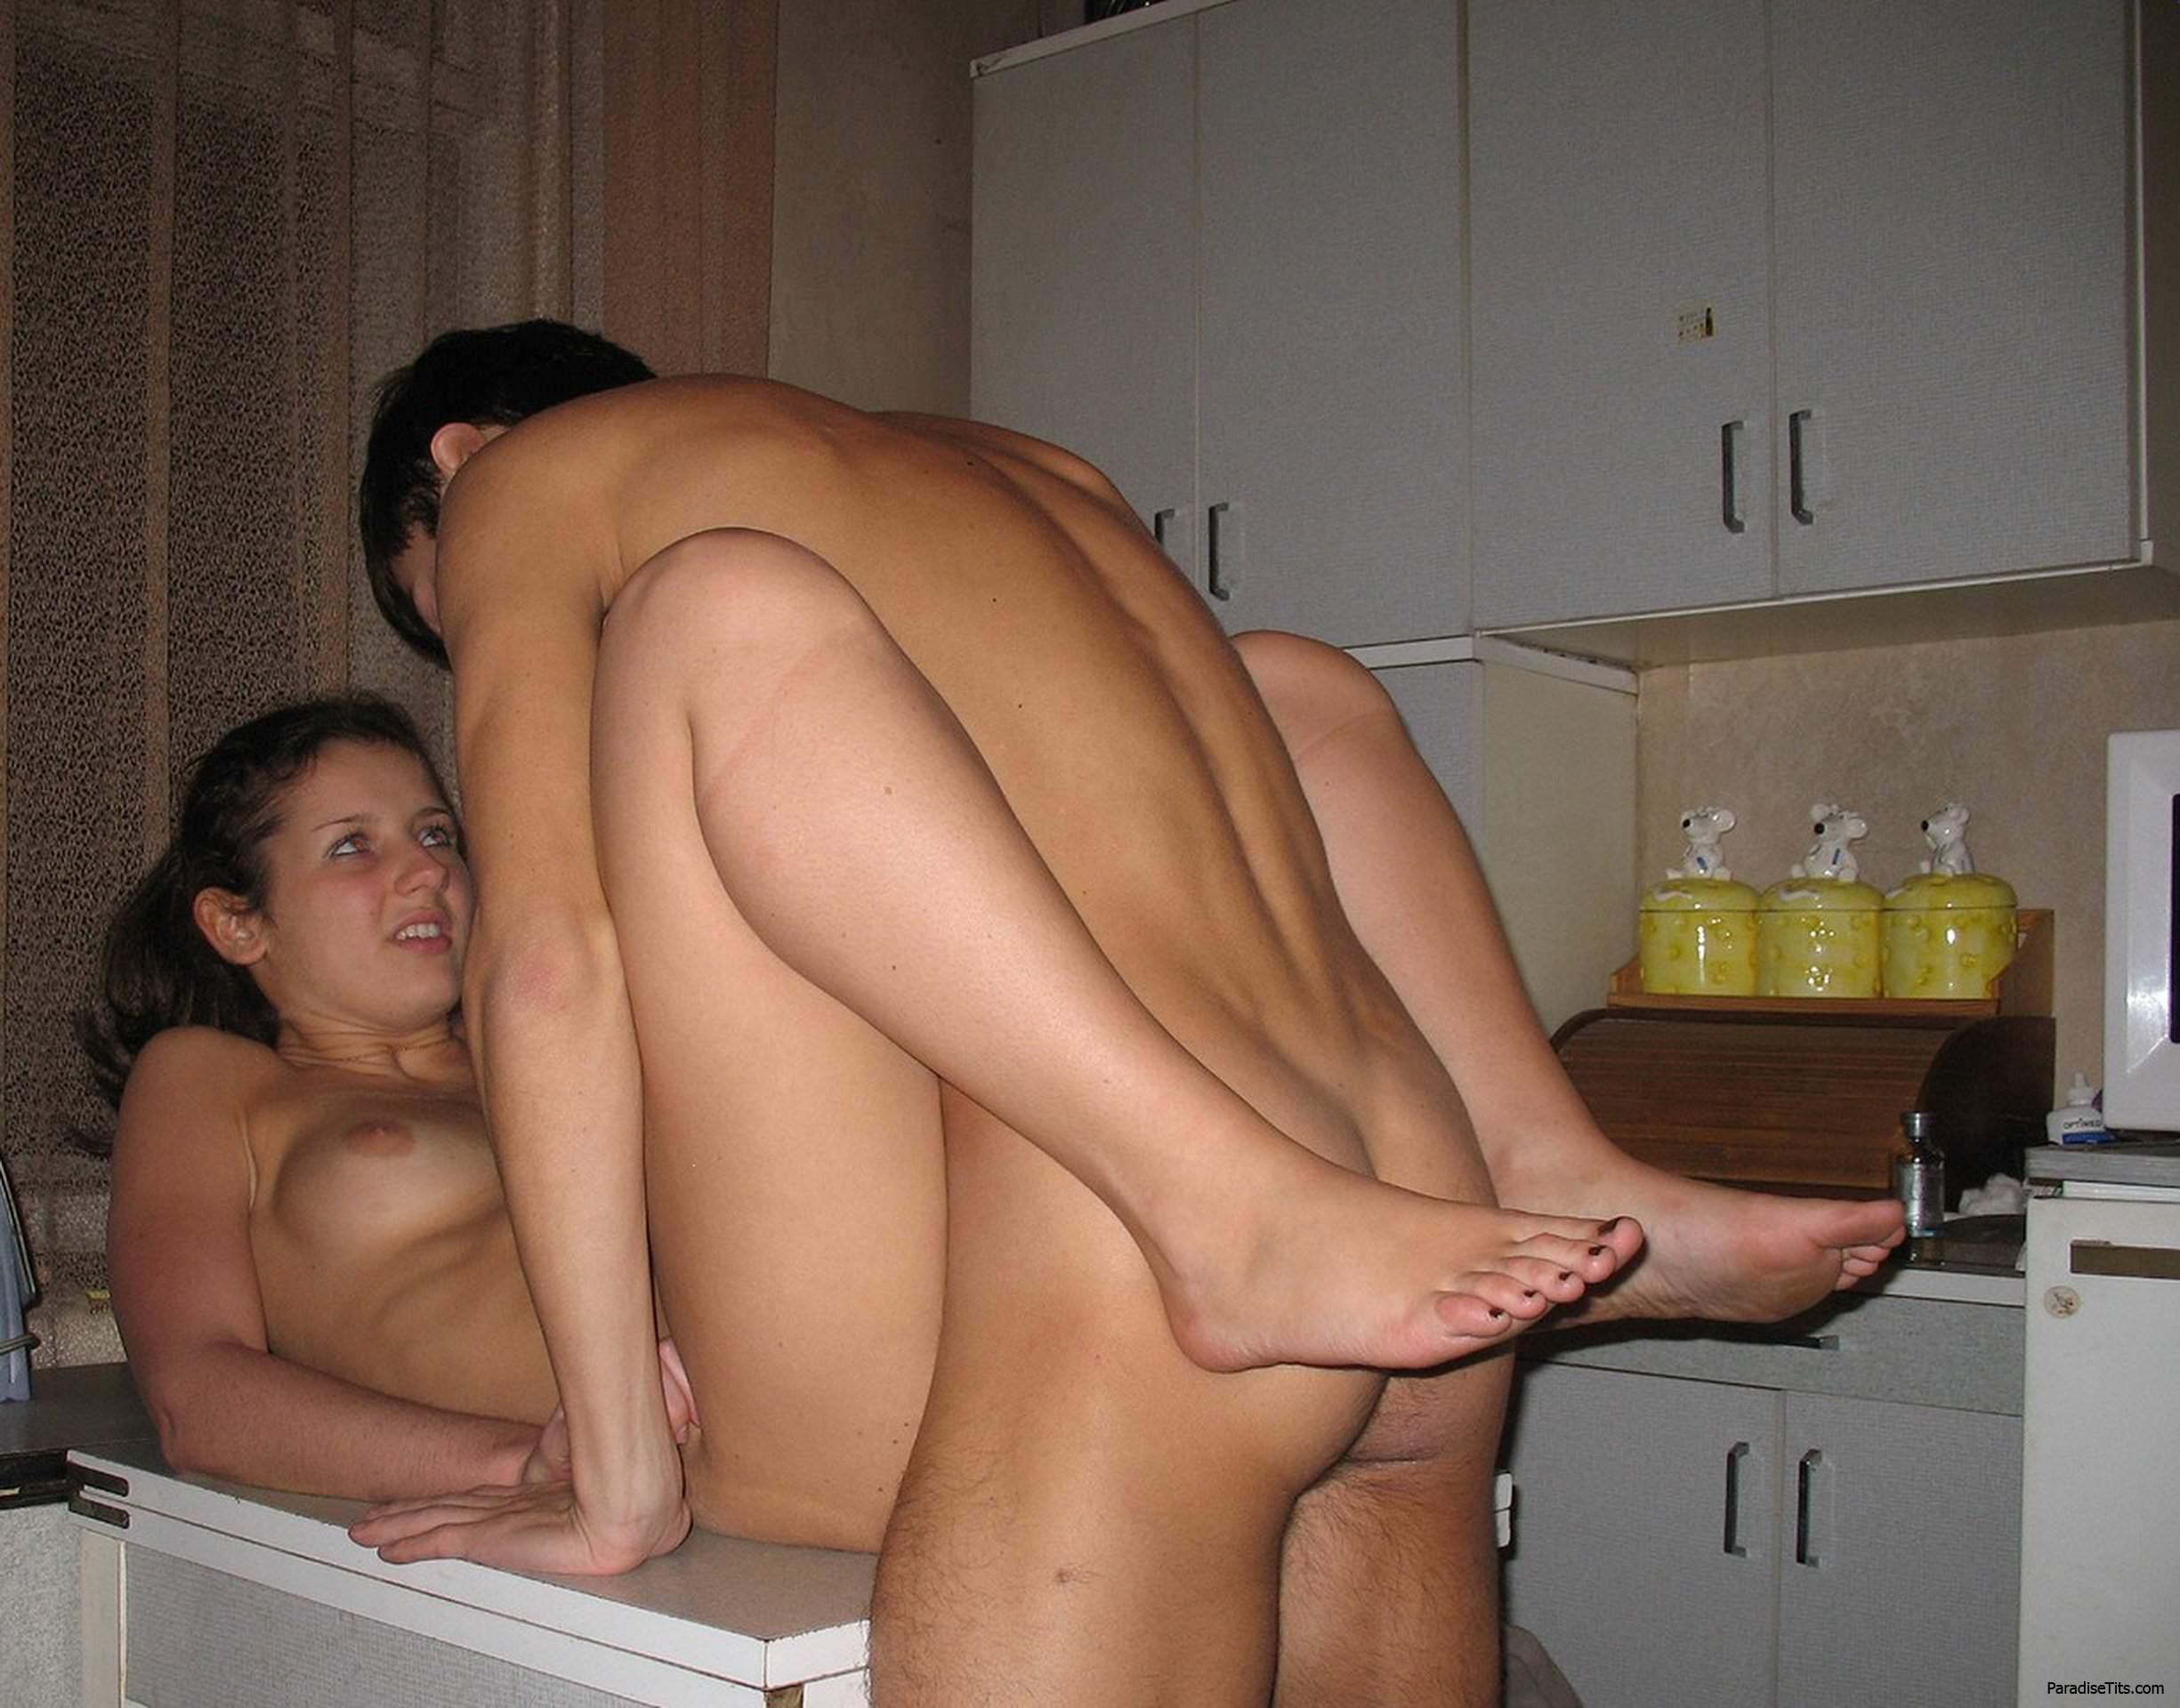 Порно фото с молодыми студентами, трахающимися на кухне